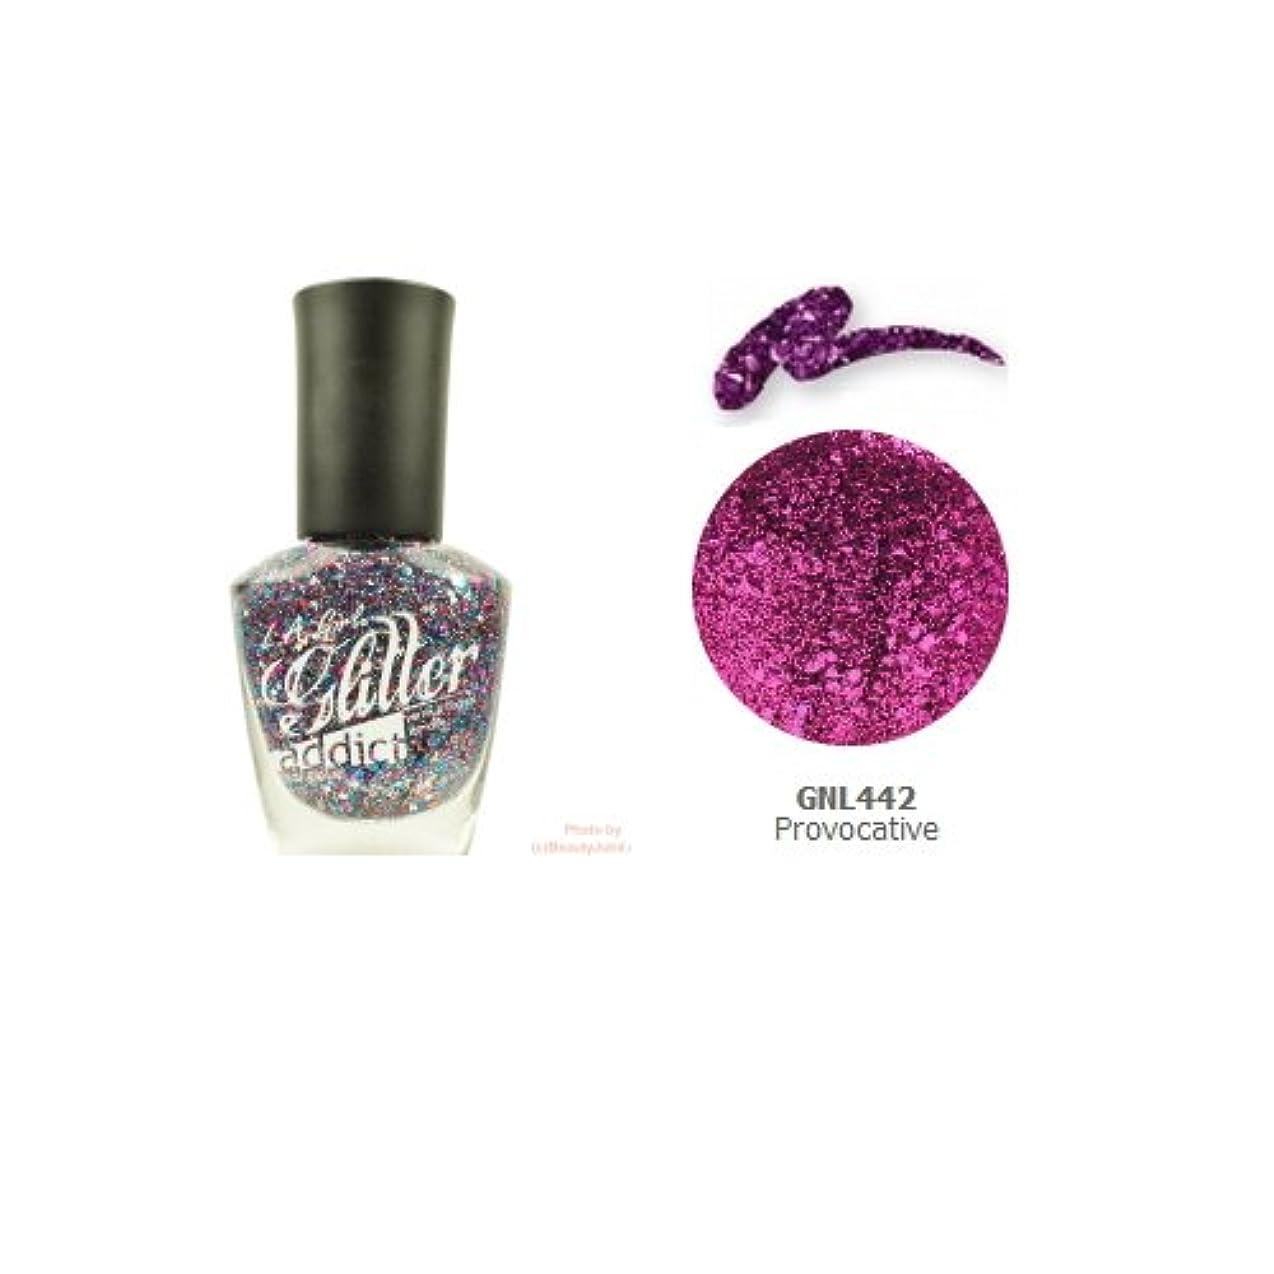 取得弱い病院(3 Pack) LA GIRL Glitter Addict Polish - Provocative (並行輸入品)